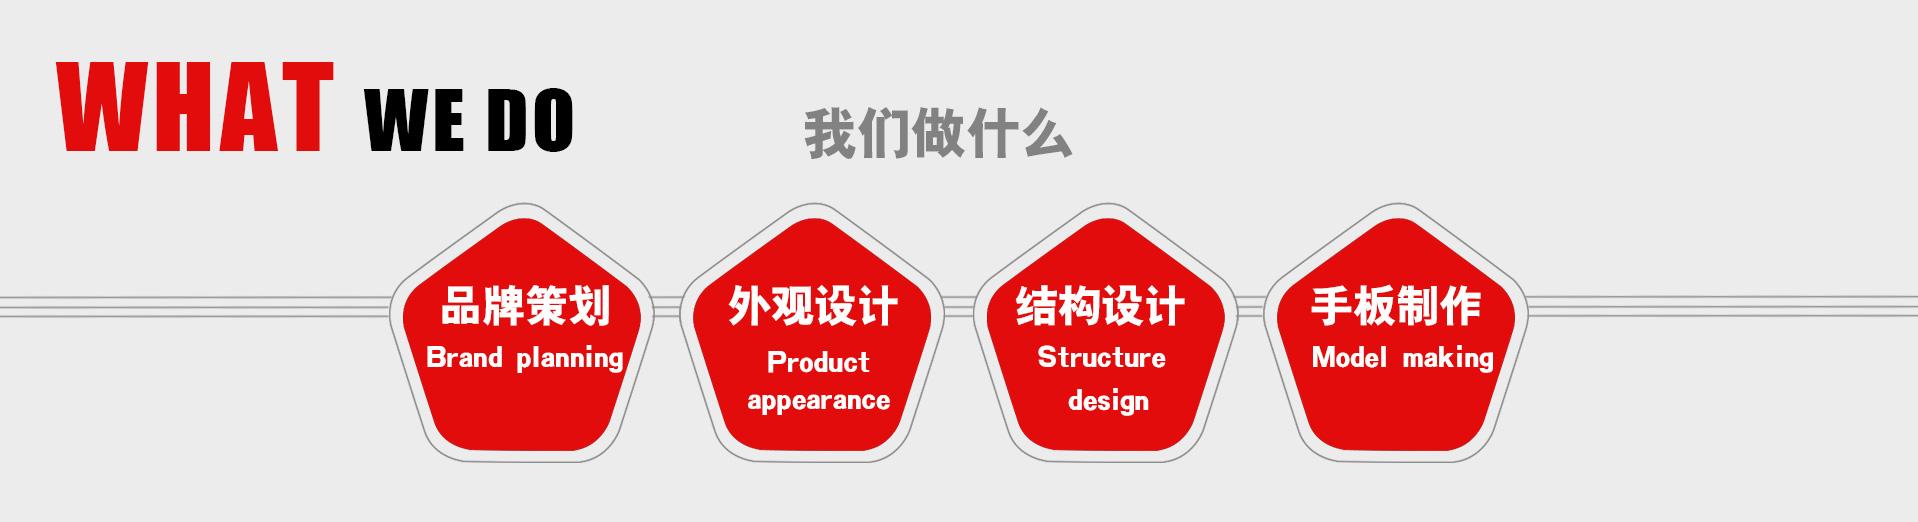 产品外观设计_【智能家电】笔间产品设计/外观设计/工业设计/智能家电器设备4